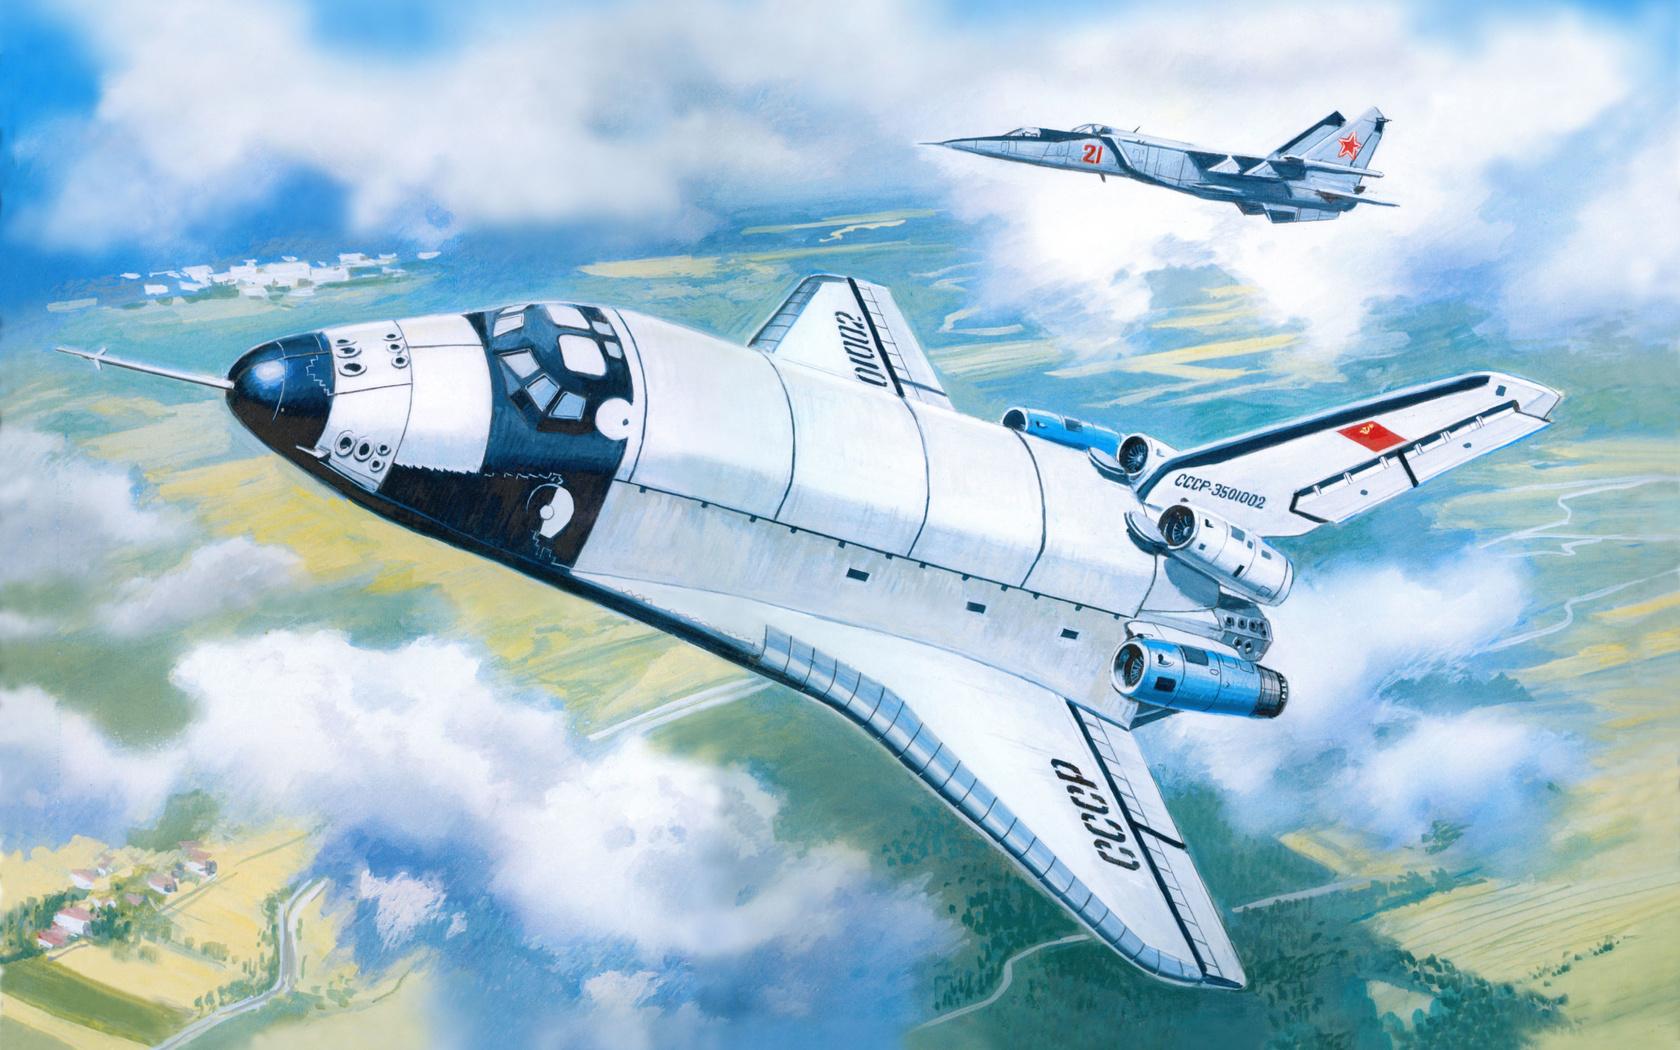 прототип, космический, Буран, bts-02, корабль, советский